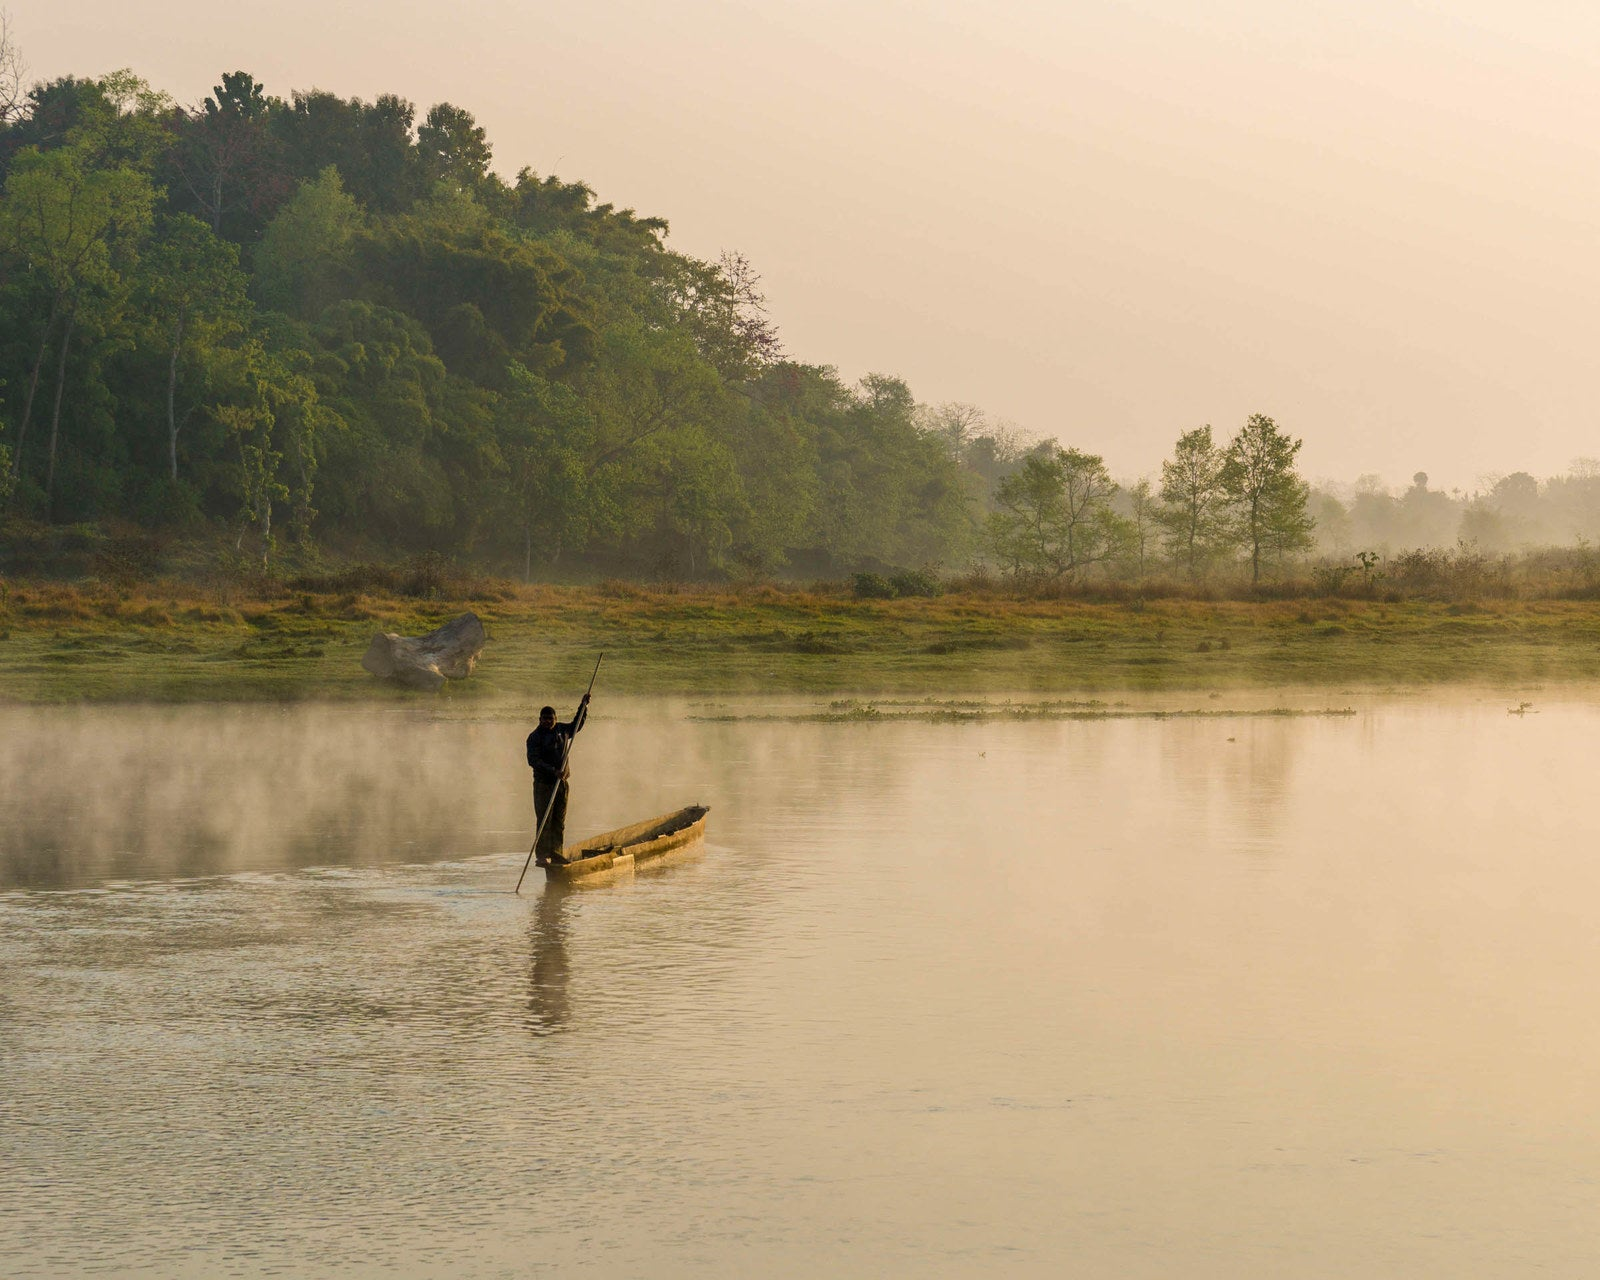 Chitwan's Rapti River